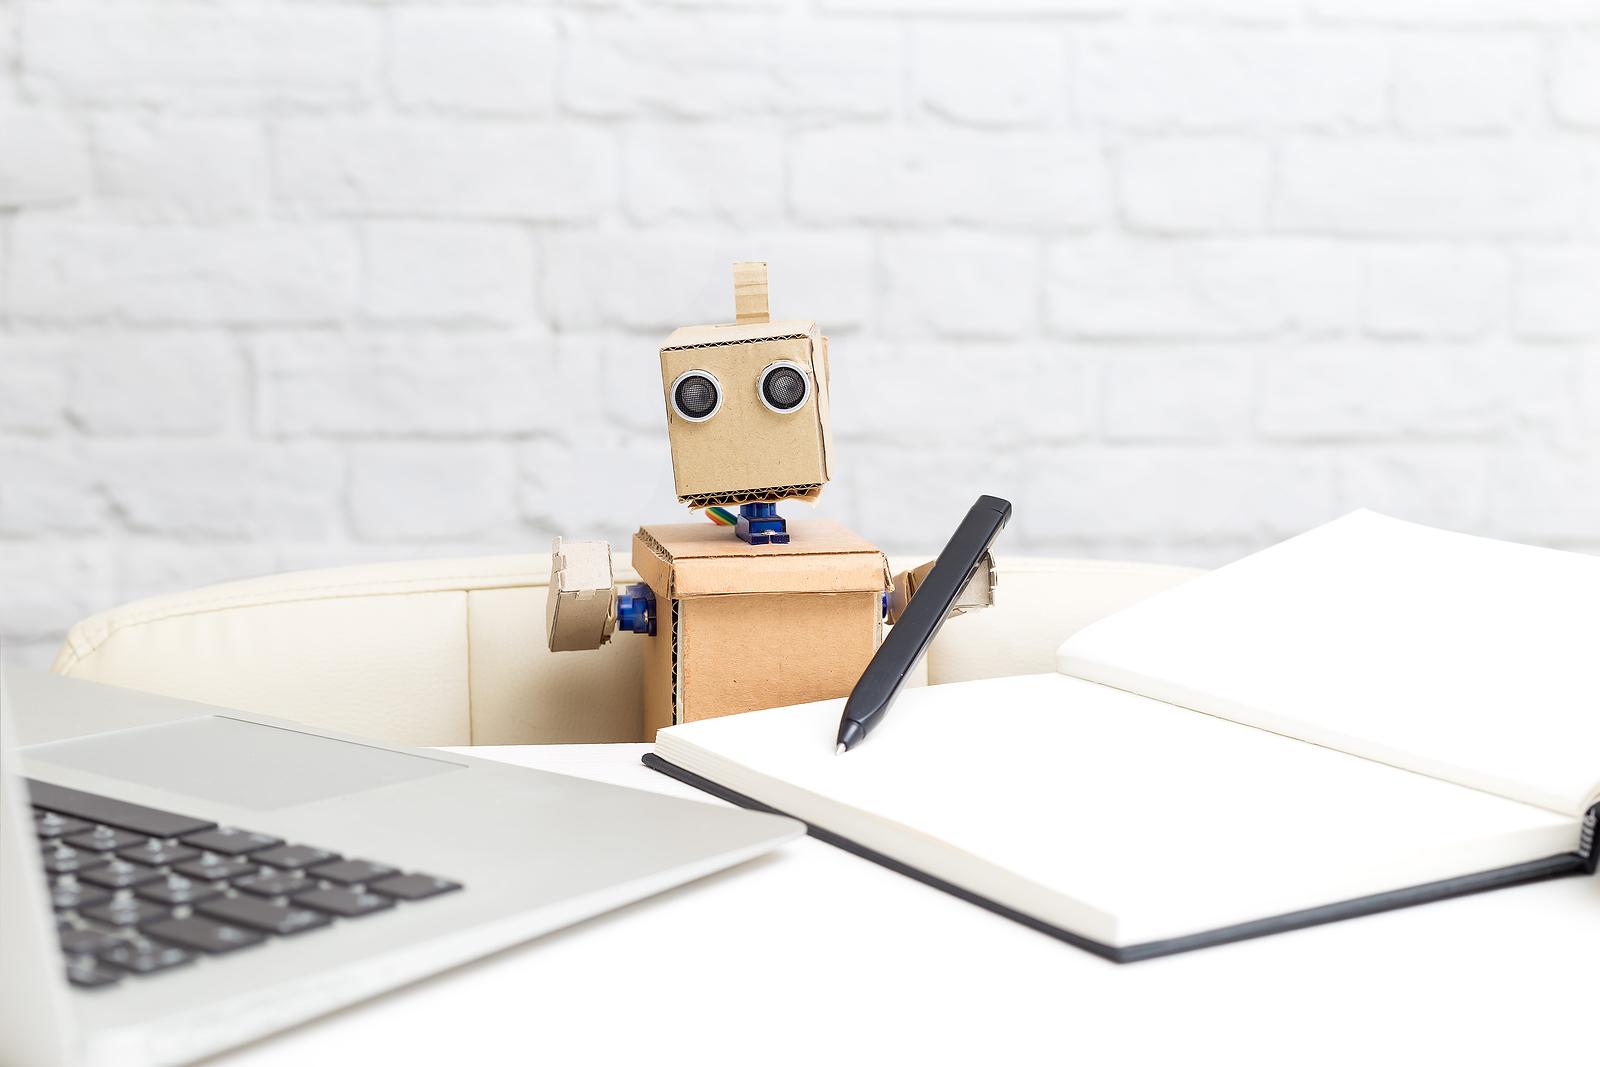 Este programa educativo intenta erradicar la percepción de que el estudio de IA es complicado y exclusivo de los que dominan las matemáticas o la programación. - Foto: Bigstock.com